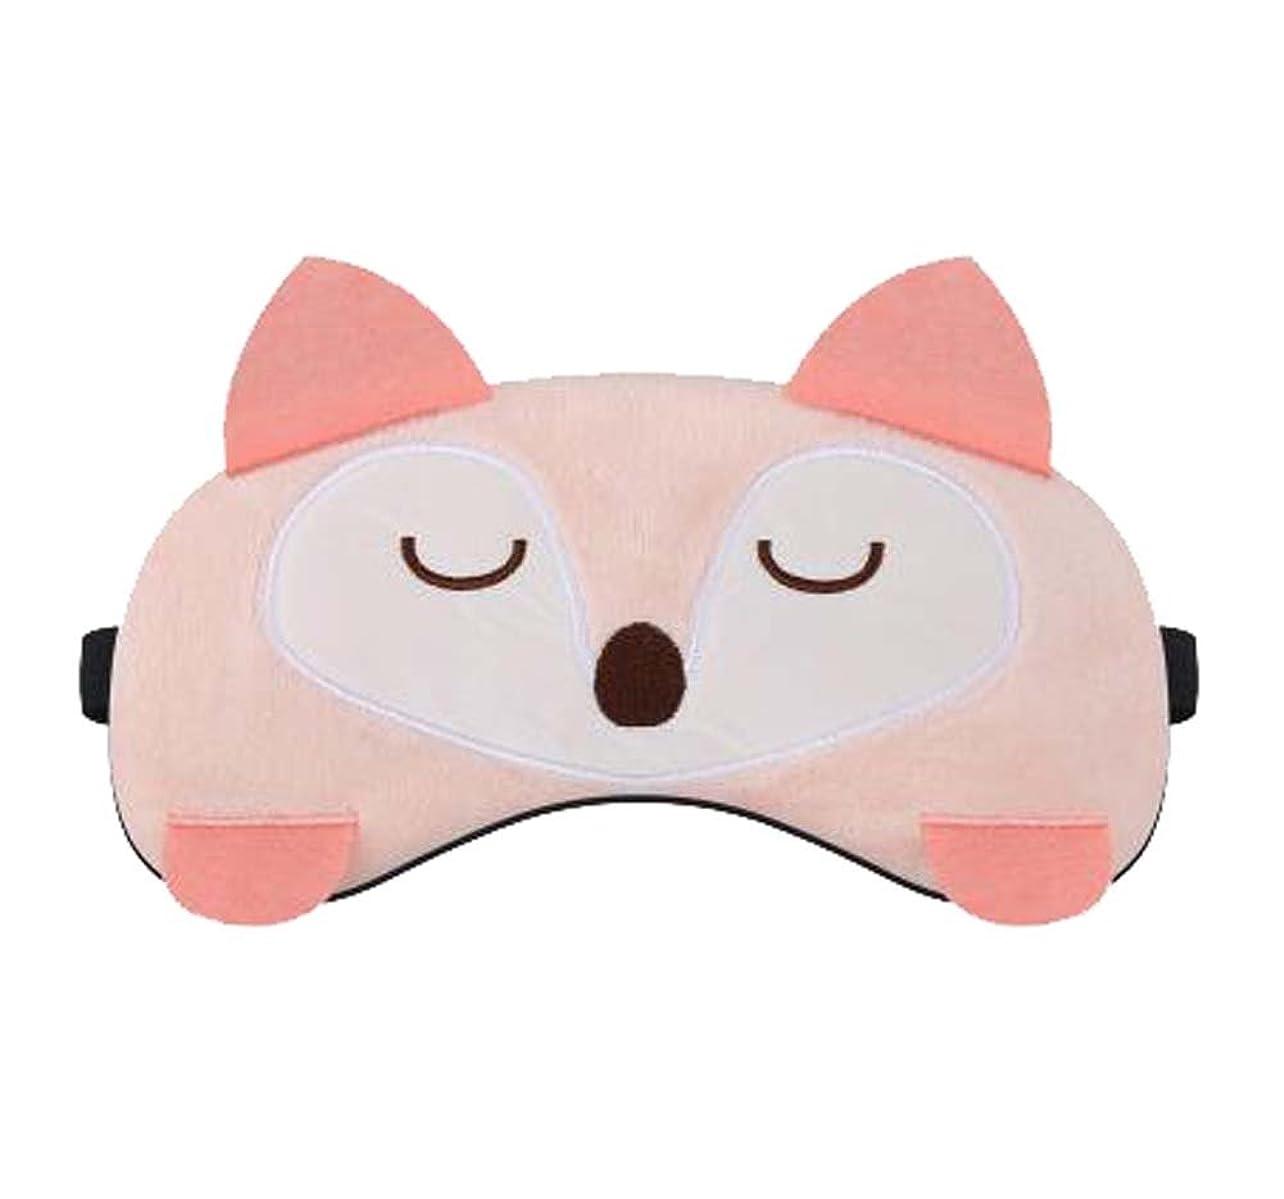 ゆでるピニオンなぞらえるかわいい睡眠マスクアイマスク - セラピー不眠症 - 男性、女性、女の子、子供、A